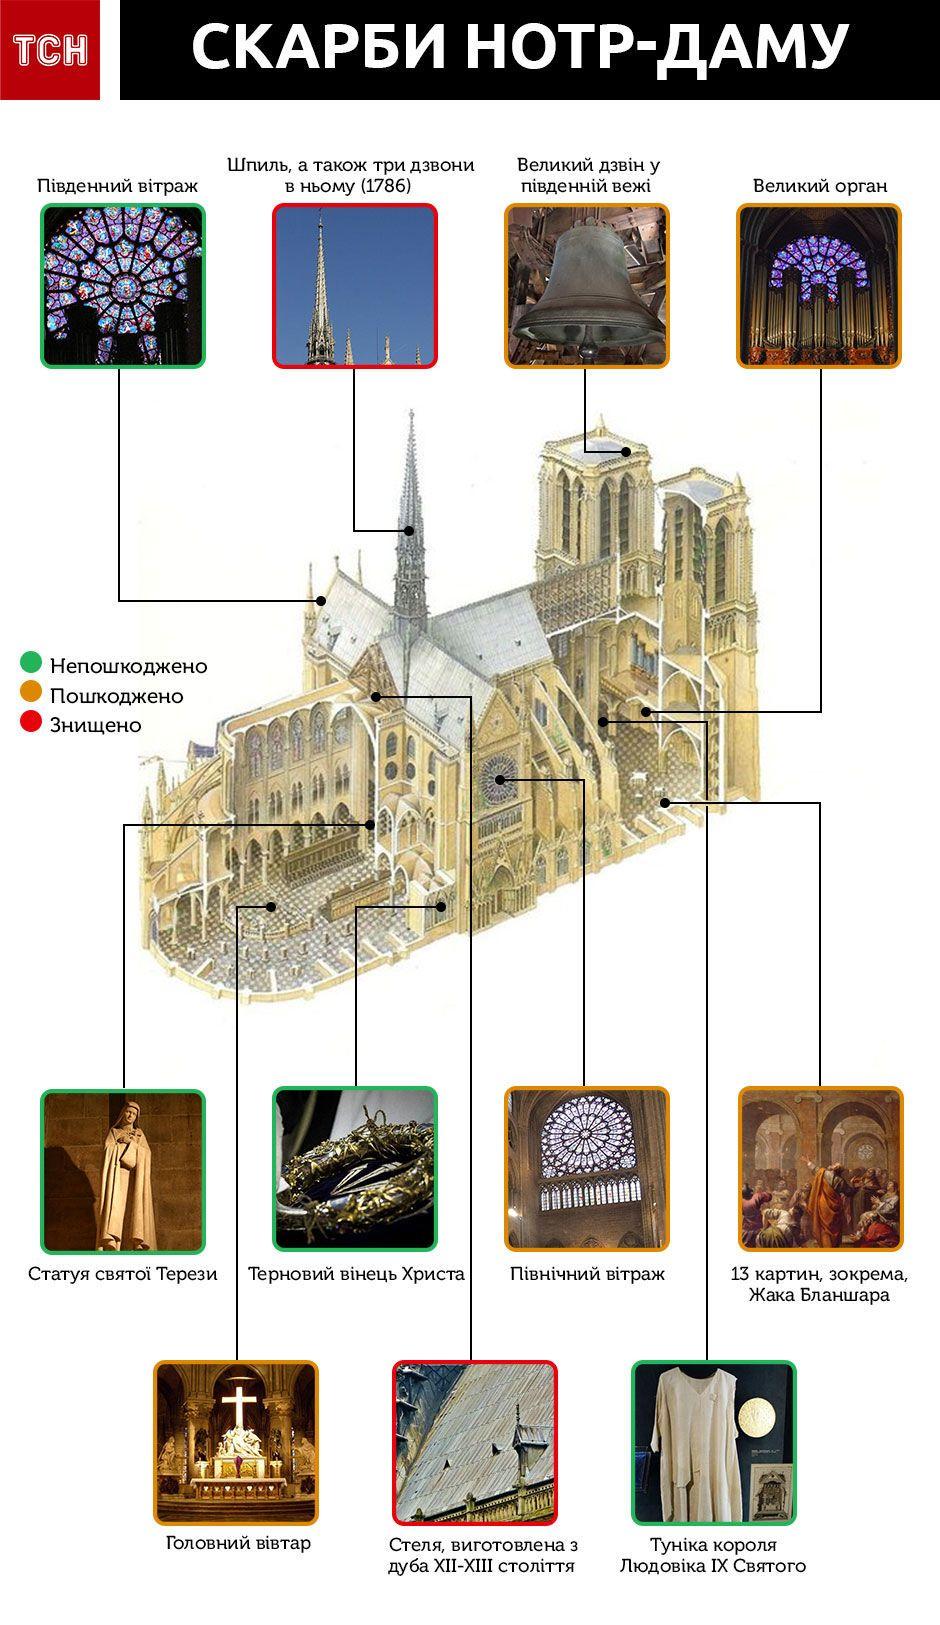 Нотр-Дам, скарби, інфографіка